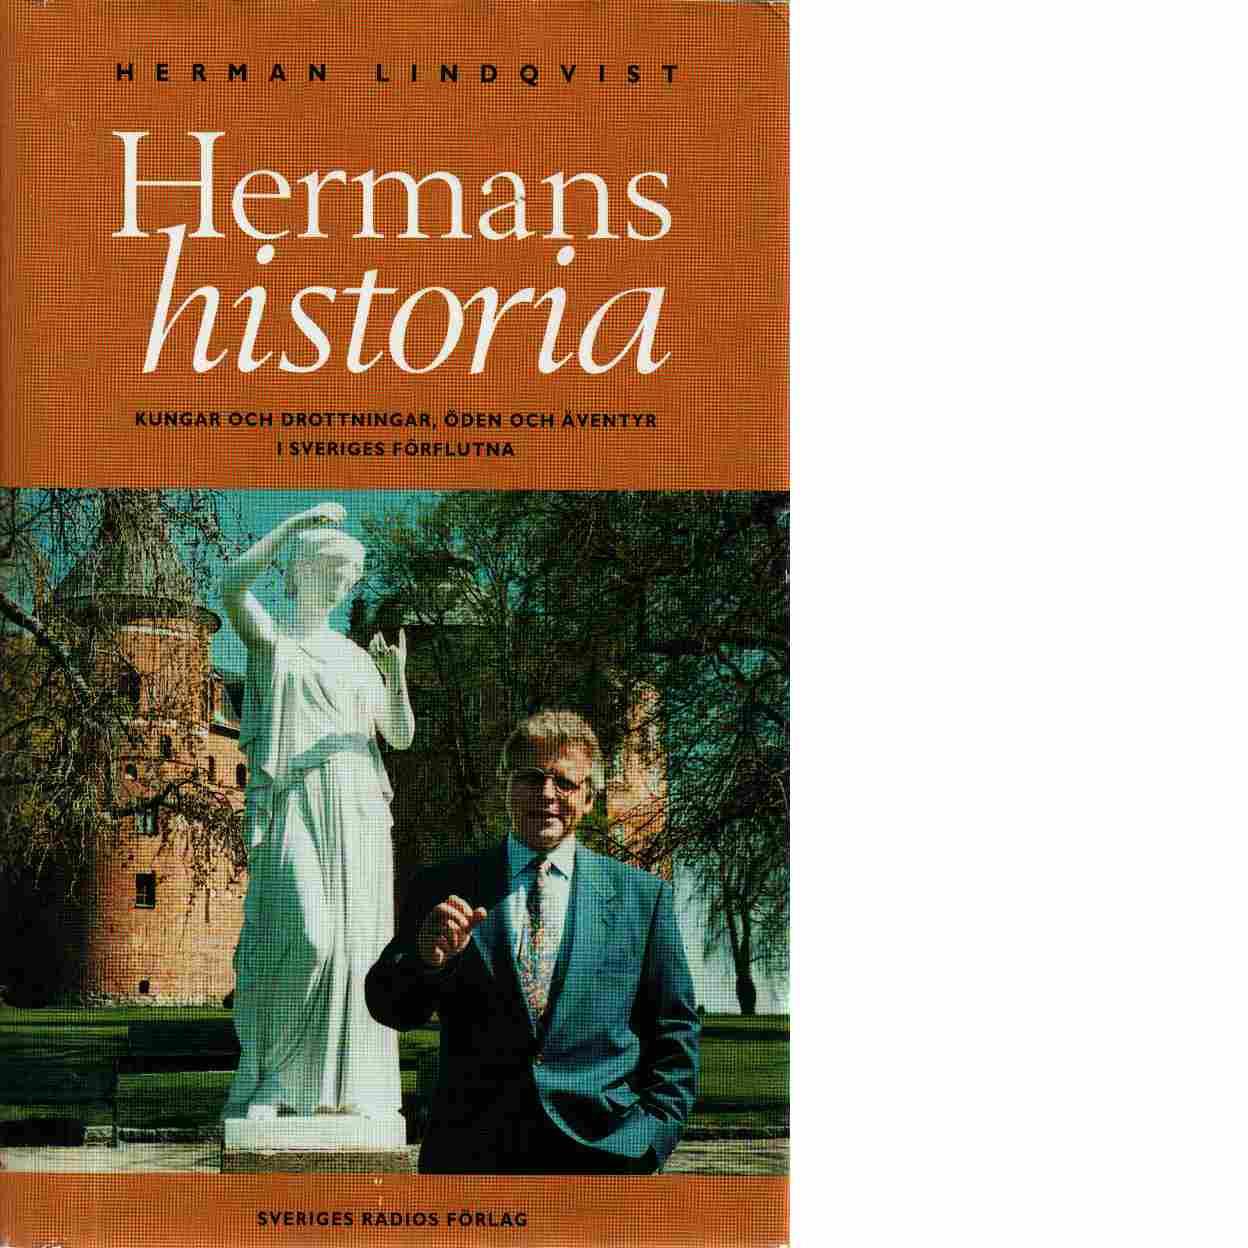 Hermans historia : kungar och drottningar, öden och äventyr i Sveriges förflutna - Lindqvist, Herman